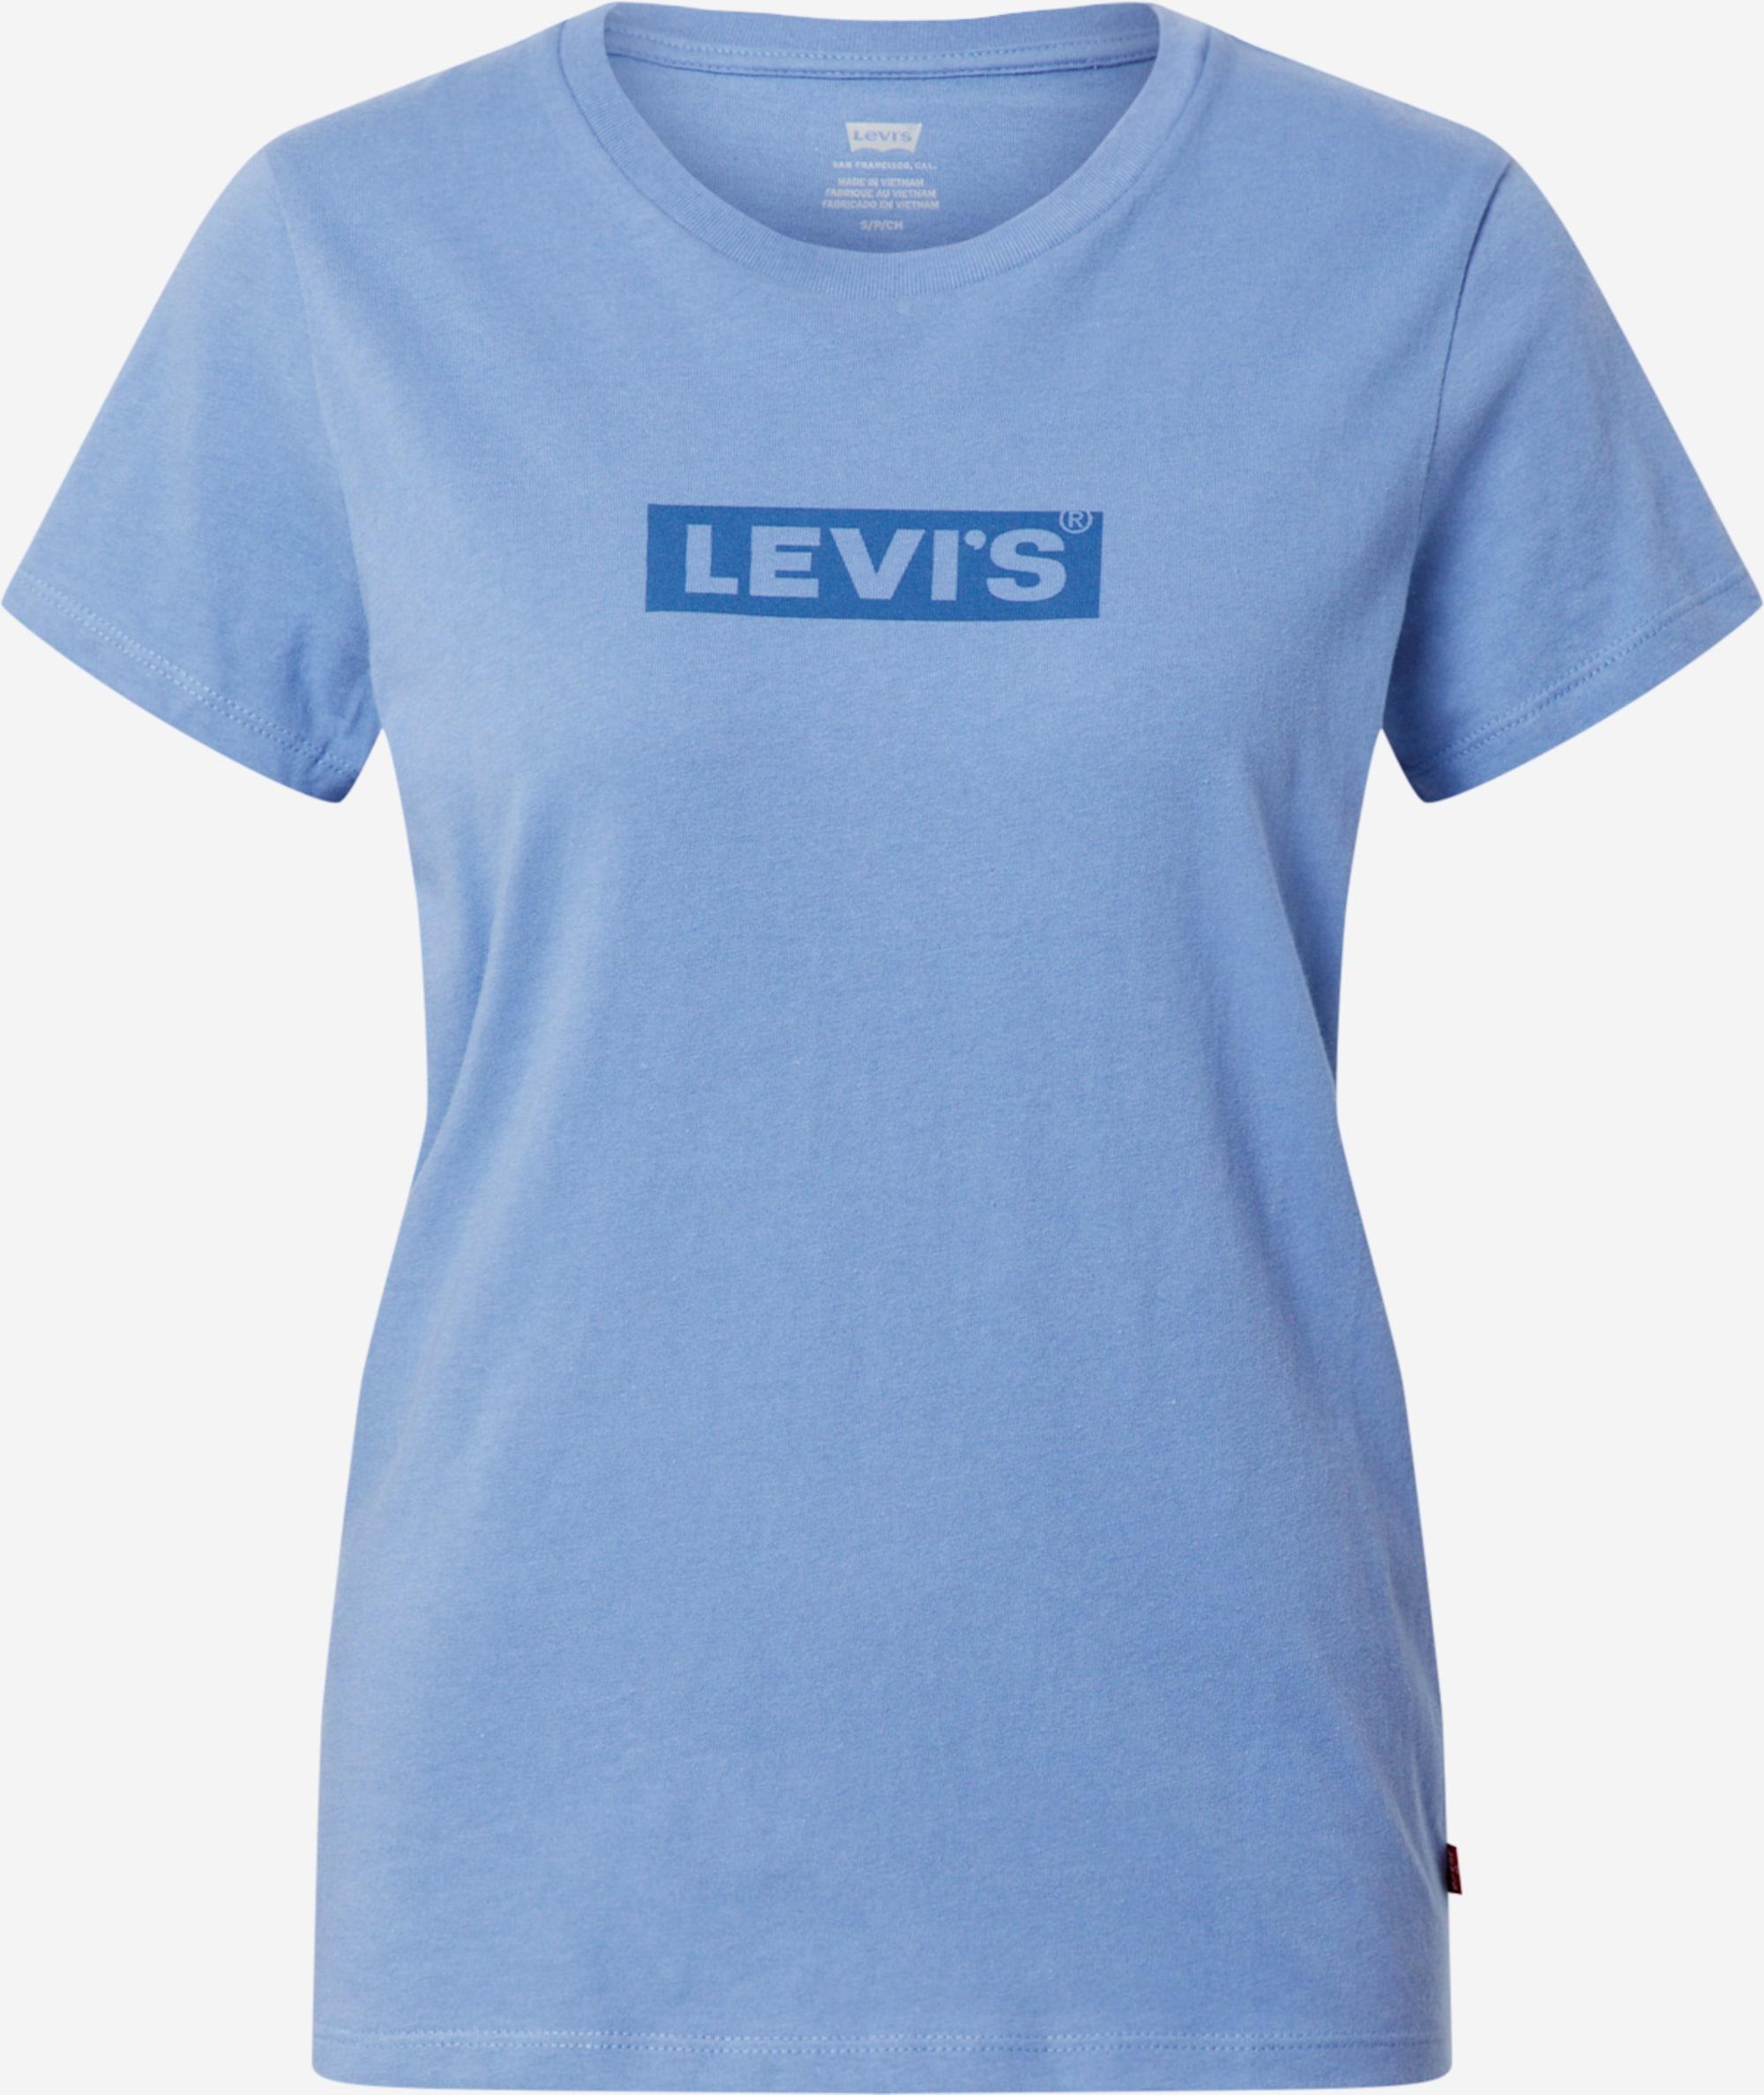 T-shirt Levi's pour Femme - Bleu